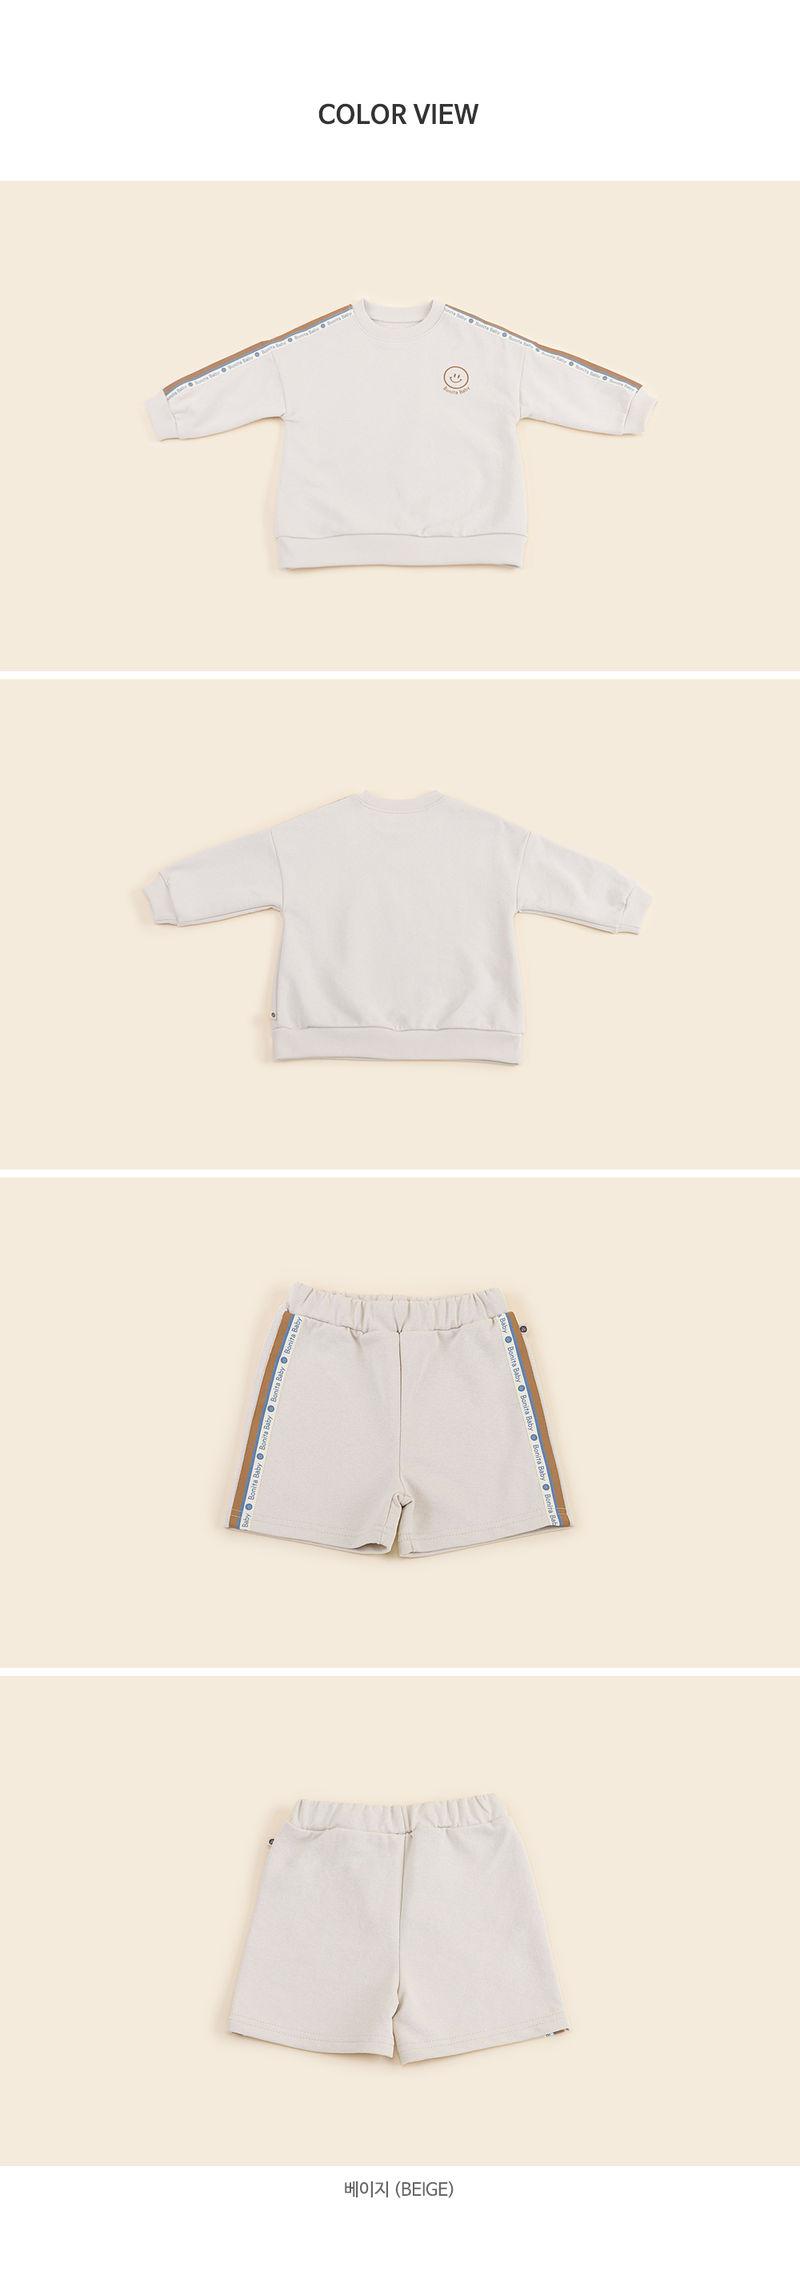 HAPPY PRINCE - Korean Children Fashion - #Kfashion4kids - Dico Baby Top and Bottom - 8